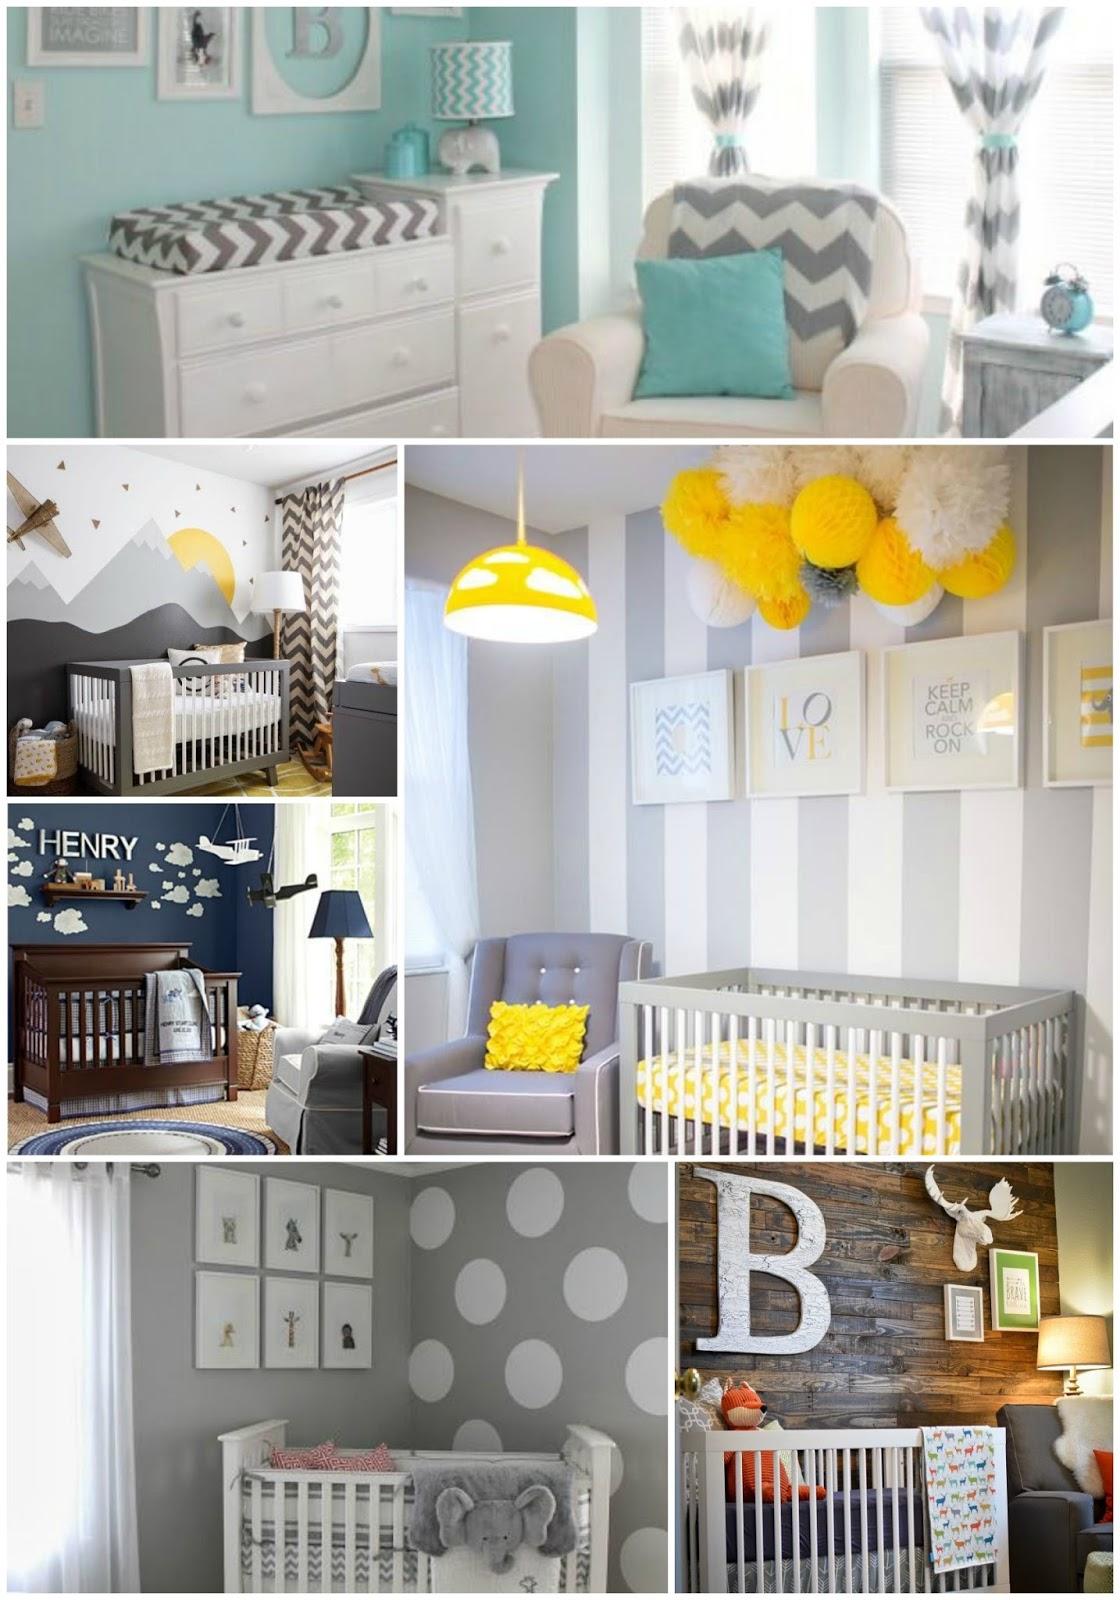 Mamma non si nasce idee per la cameretta di un neonato - Arredamento cameretta neonato ...